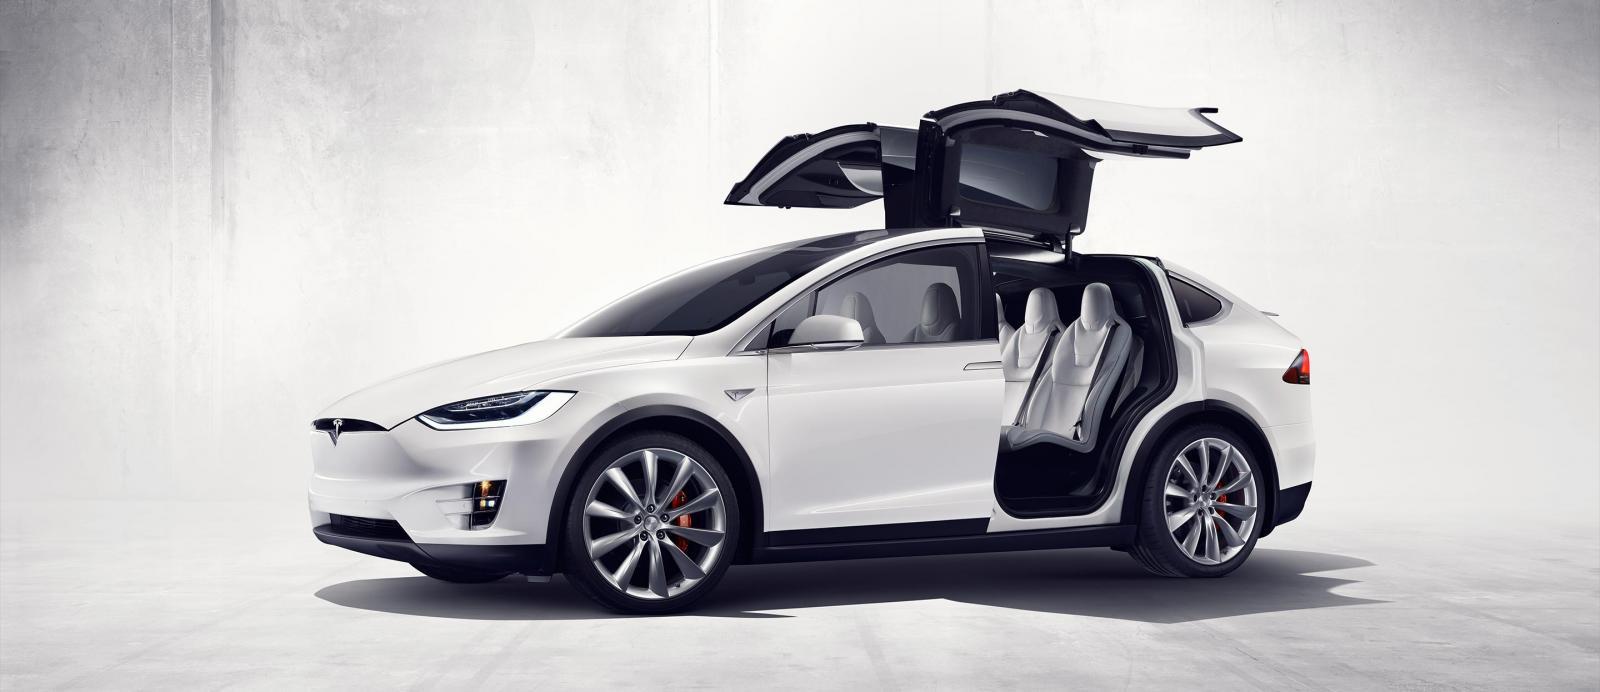 Photo of Tesla'nın giriş seviyesi crossover modeli Model Y olacak